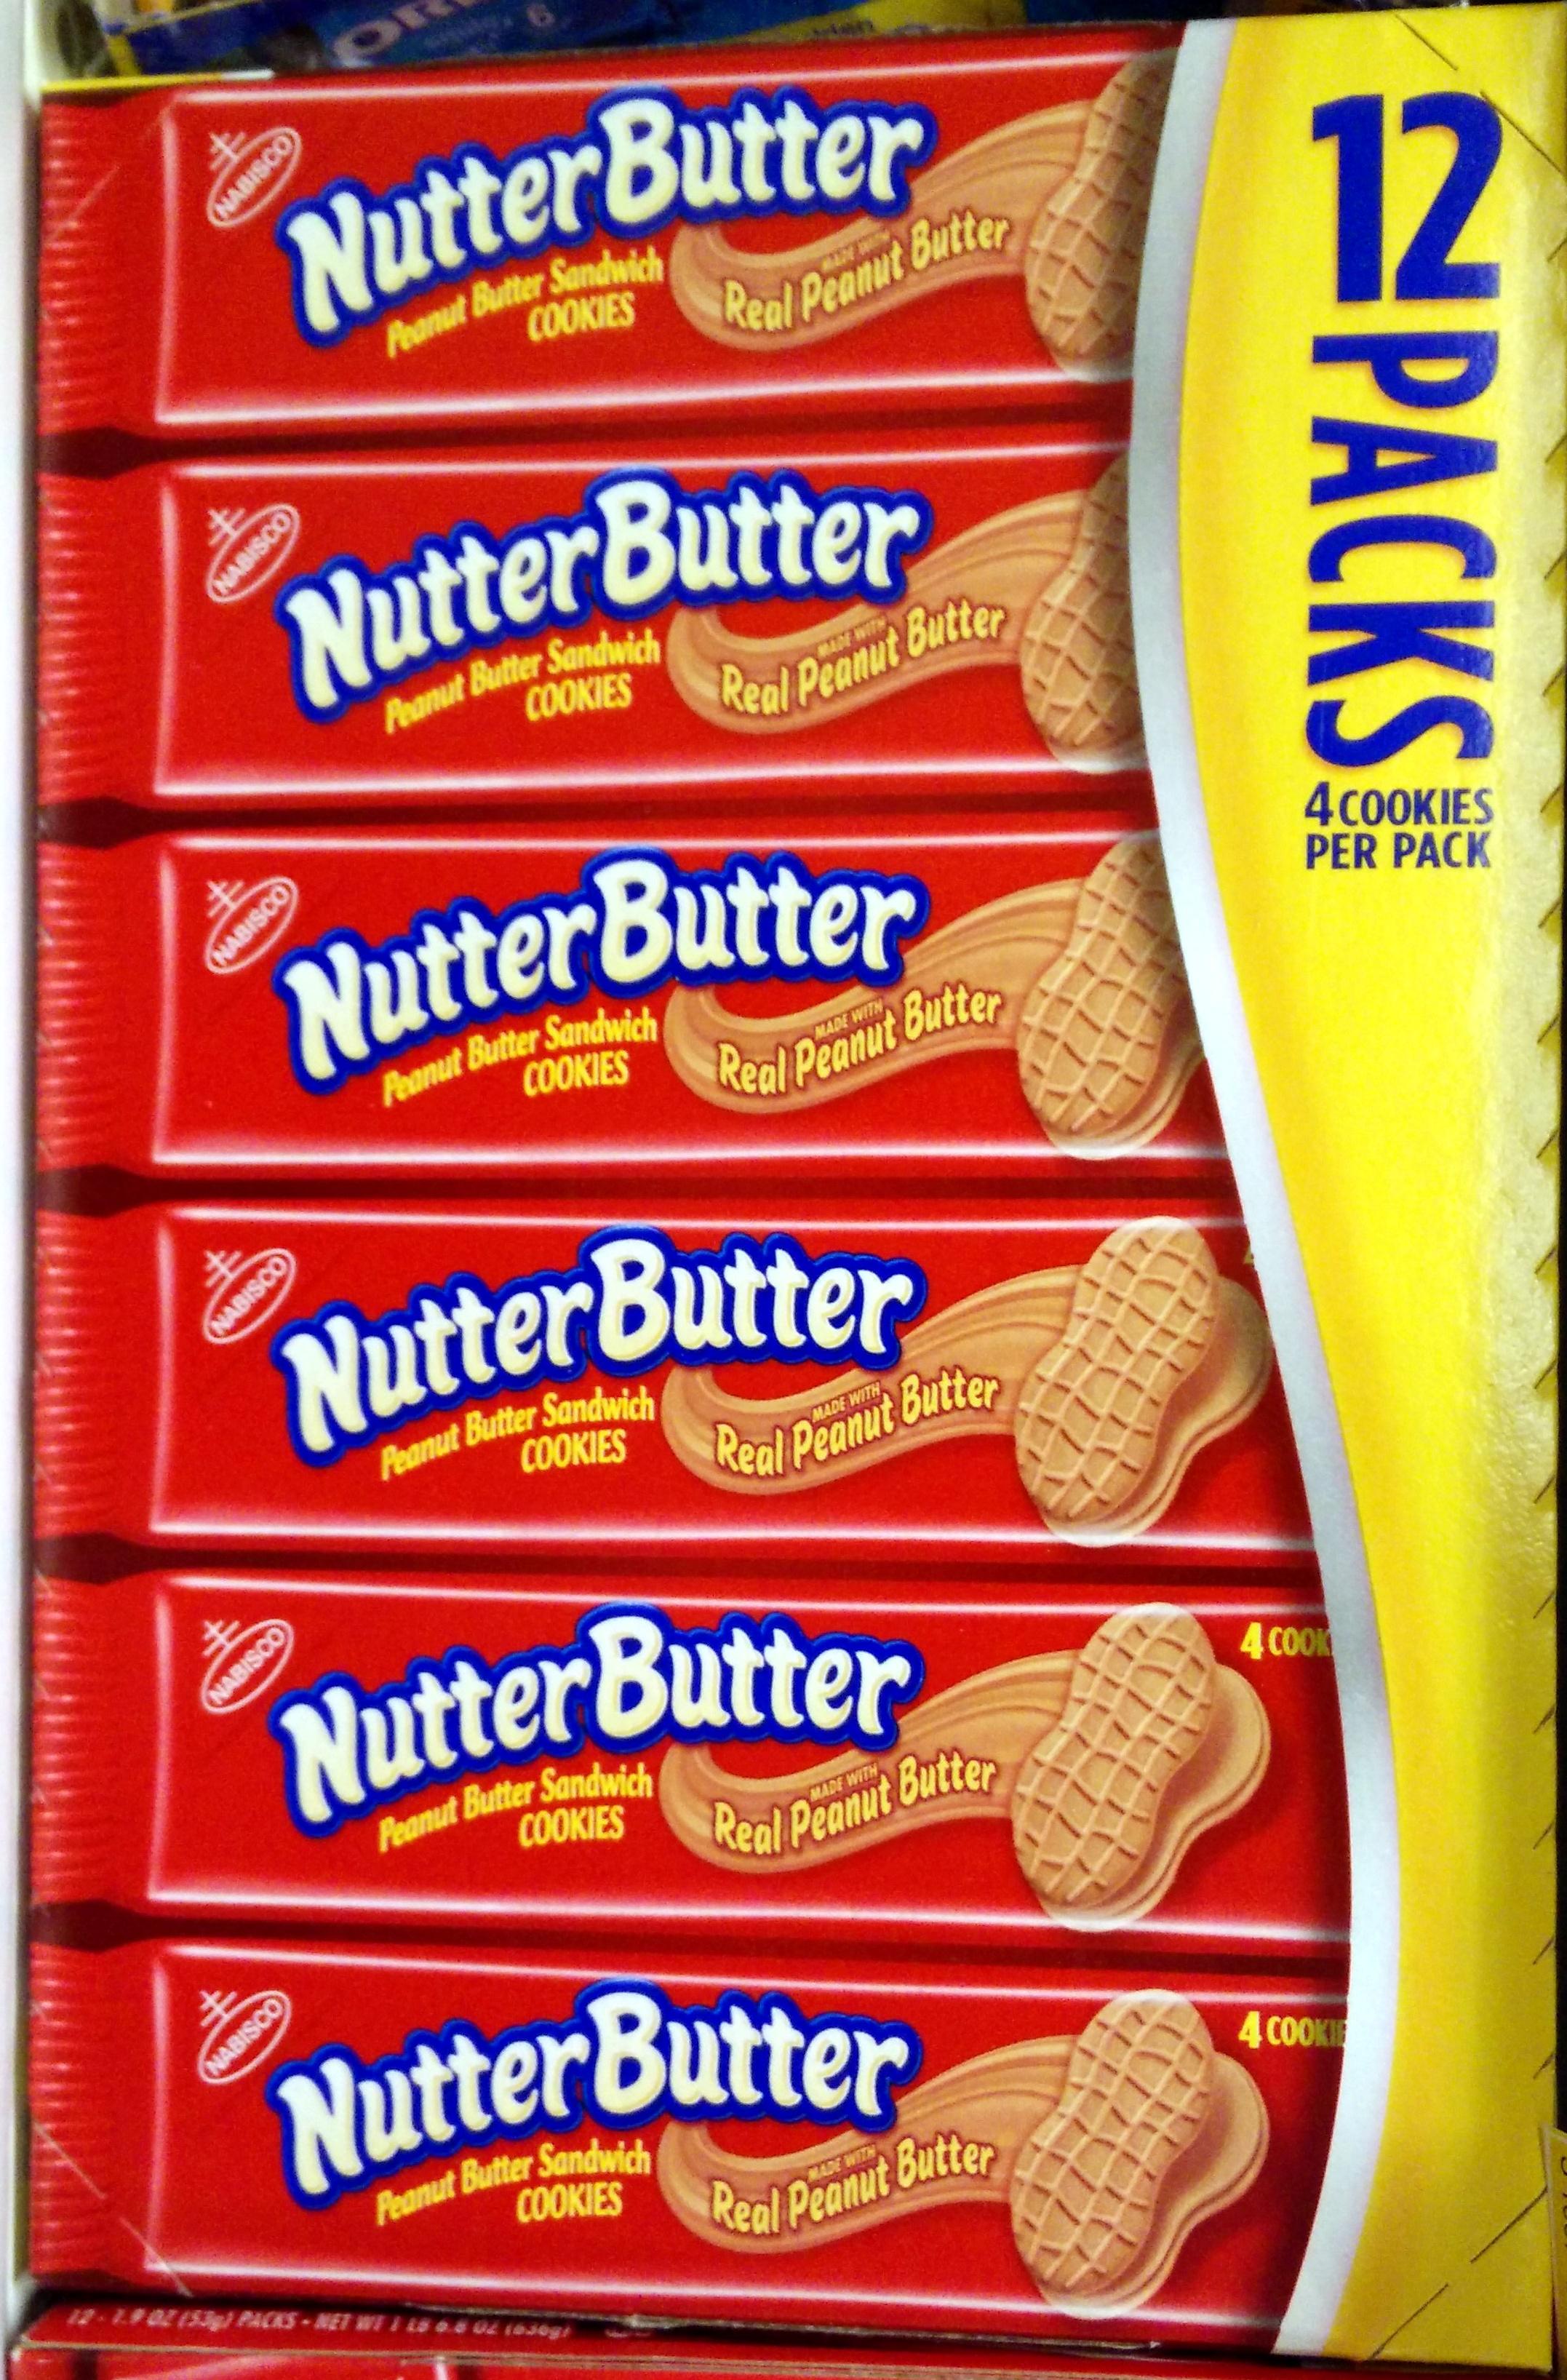 Peanut butter sandwich cookies - Produit - en